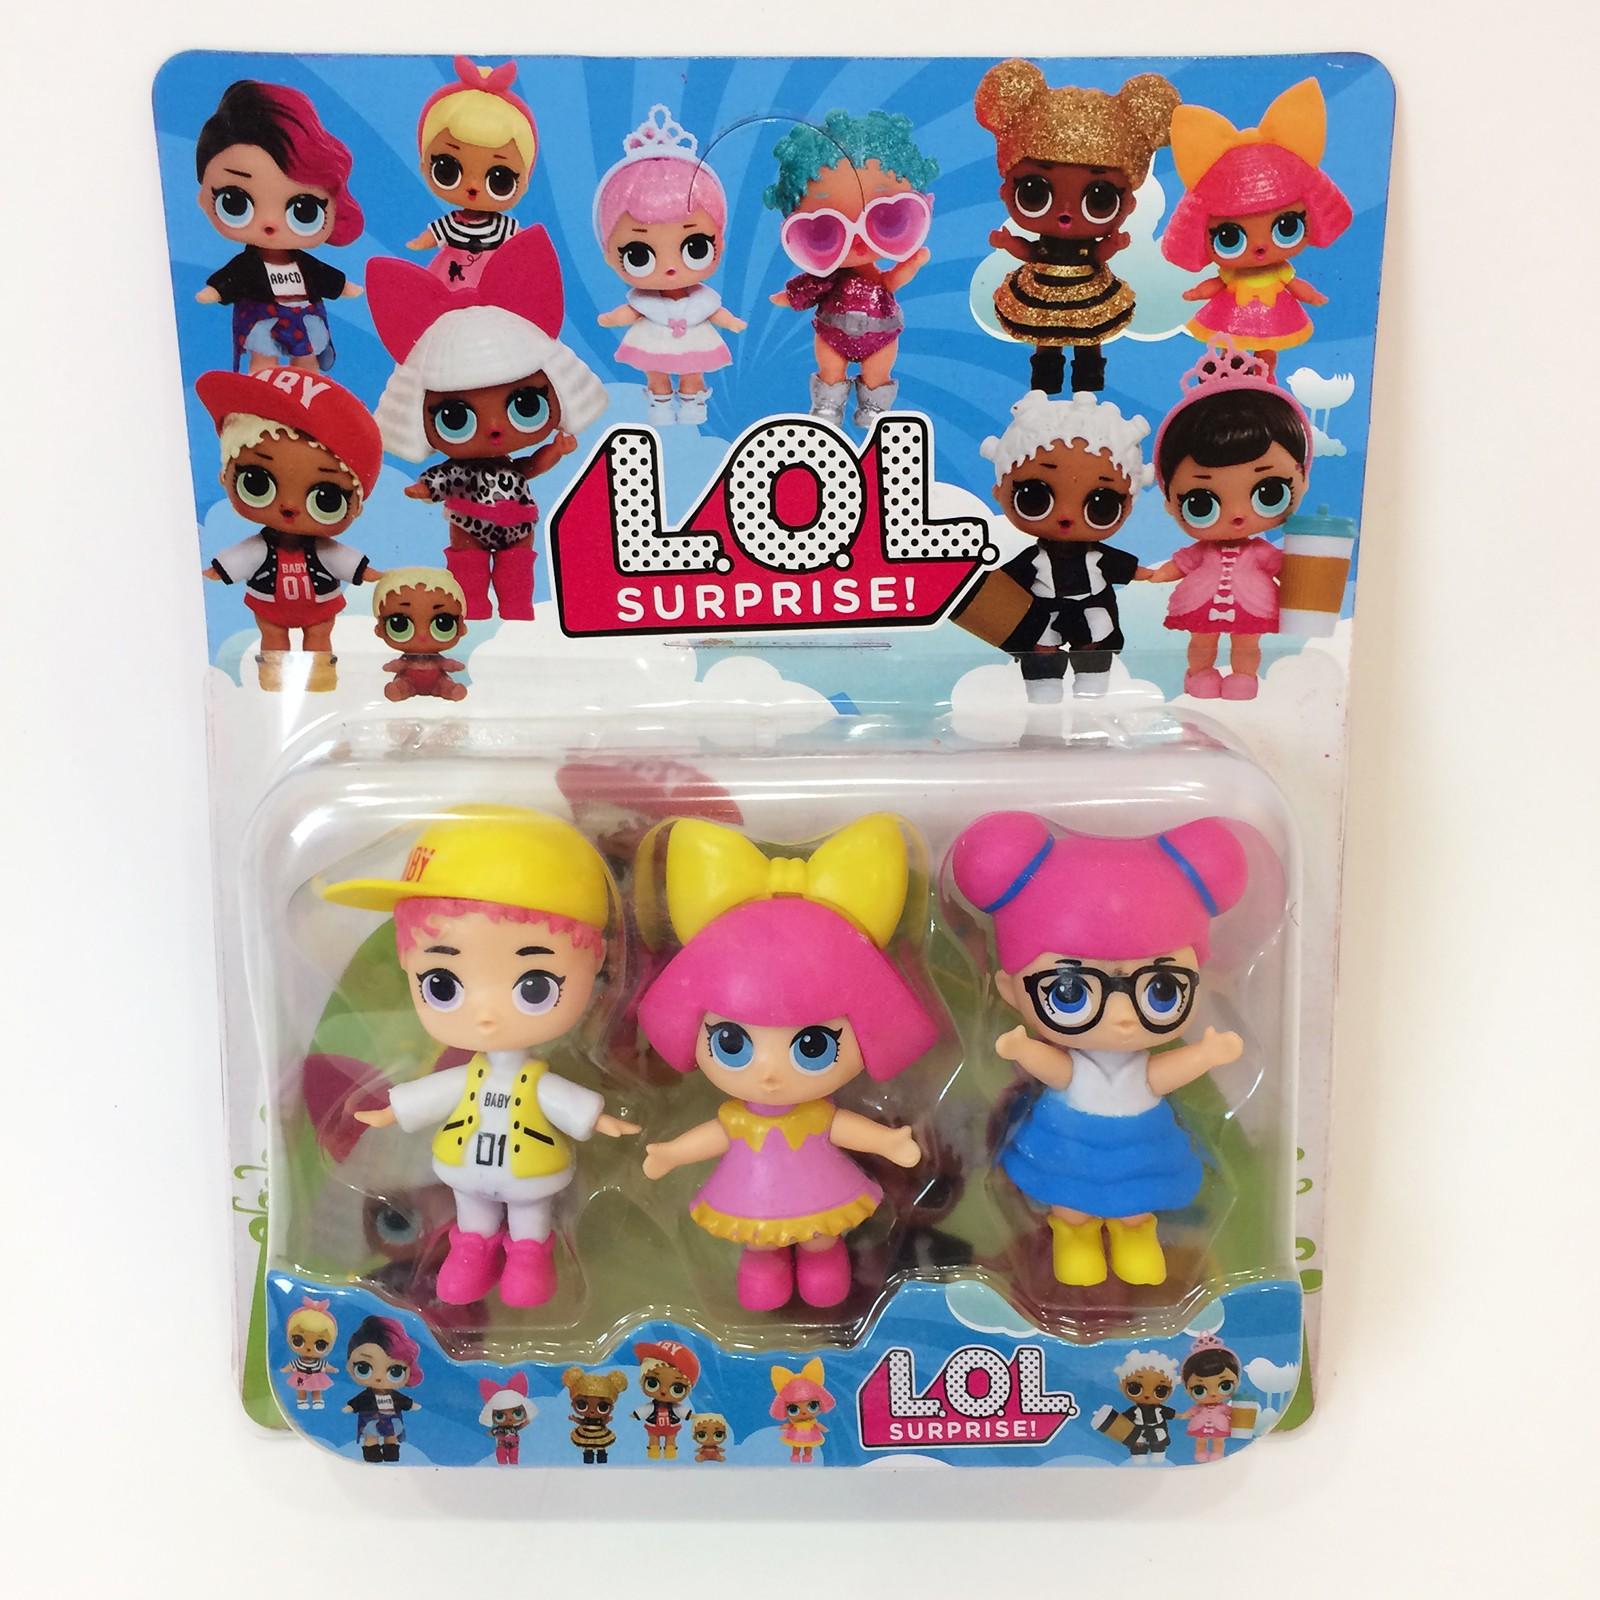 Куклы лол в наборах картинки, картинках как нарисовать